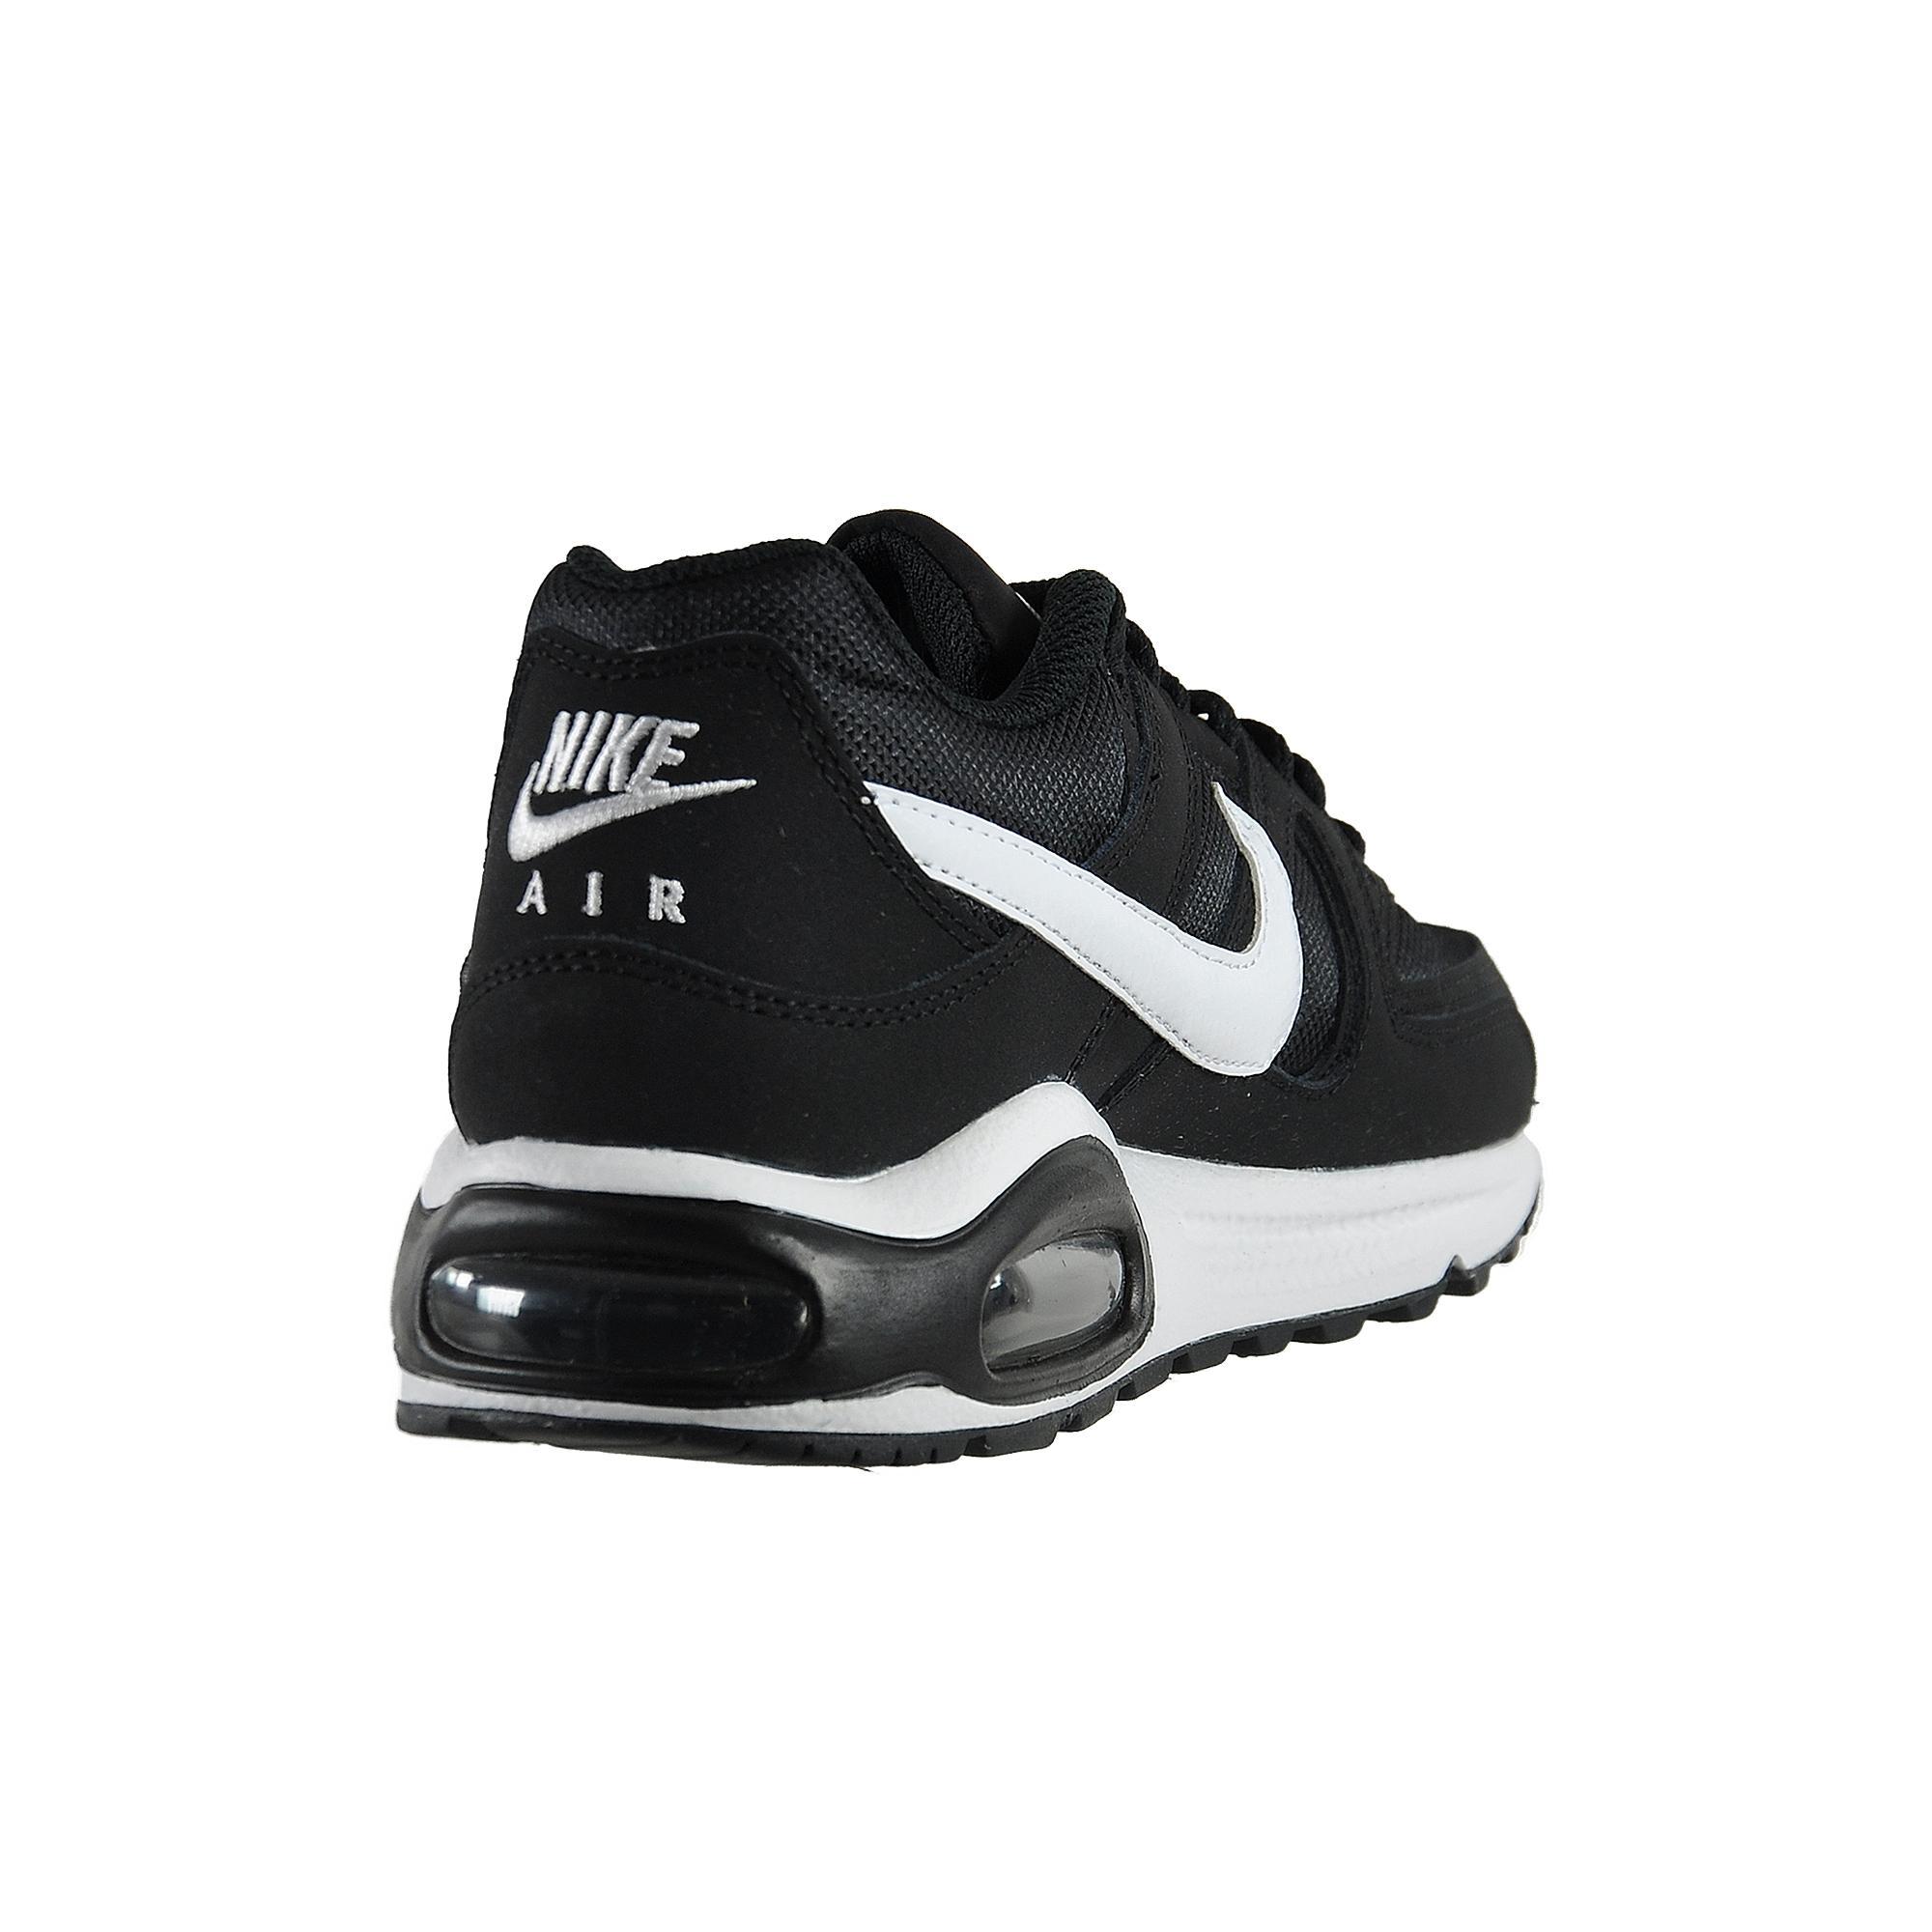 3dda47e782aa61 Nike Air Max Command Kadın Spor Ayakkabı #397690-021 - Barcin.com